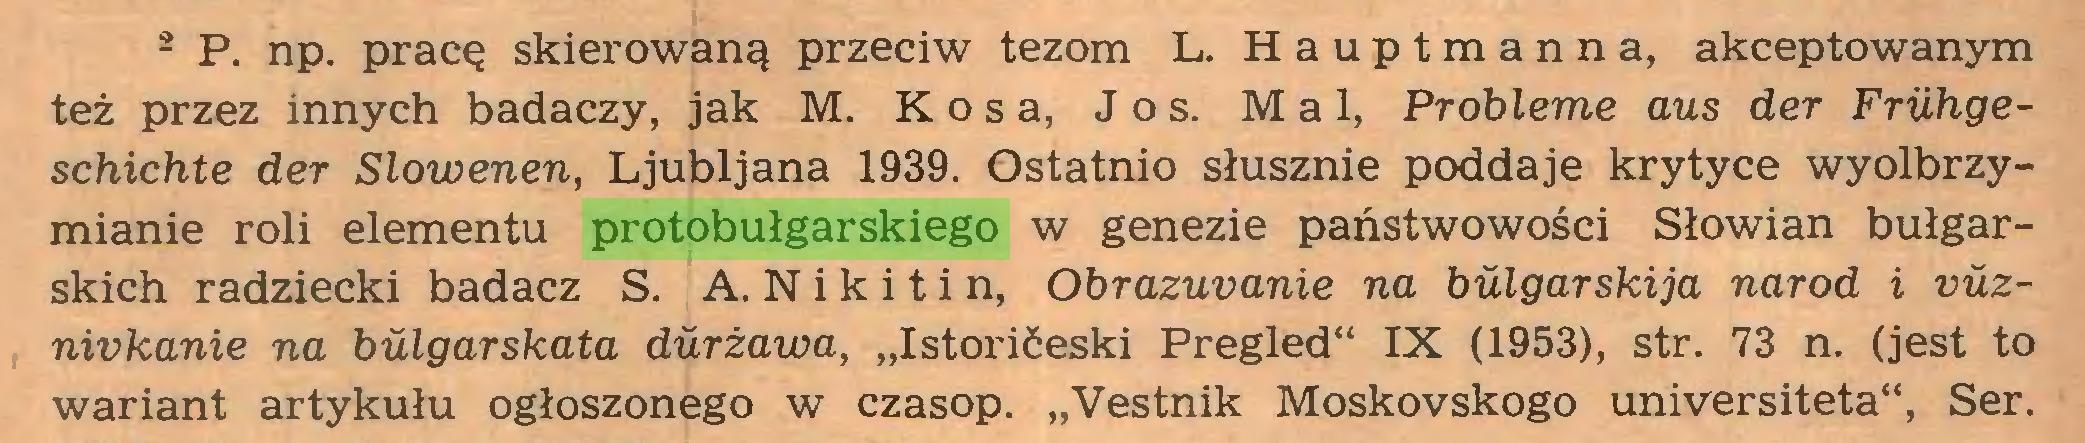 """(...) 2 P. np. pracę skierowaną przeciw tezom L. Hauptmanna, akceptowanym też przez innych badaczy, jak M. Kosa, J o s. Mai, Probłeme aus der Fruhgeschichte der Slowenen, Ljubljana 1939. Ostatnio słusznie poddaje krytyce wyolbrzymianie roli elementu protobułgarskiego w genezie państwowości Słowian bułgarskich radziecki badacz S. A. N i k i t i n, Obrazuvanie na bułgarski ja naród i vuznivkanie na bulgarskata durżawa, """"Istorićeski Pregled** IX (1953), str. 73 n. (jest to wariant artykułu ogłoszonego w czasop. """"Vestnik Moskovskogo universiteta"""", Ser..."""